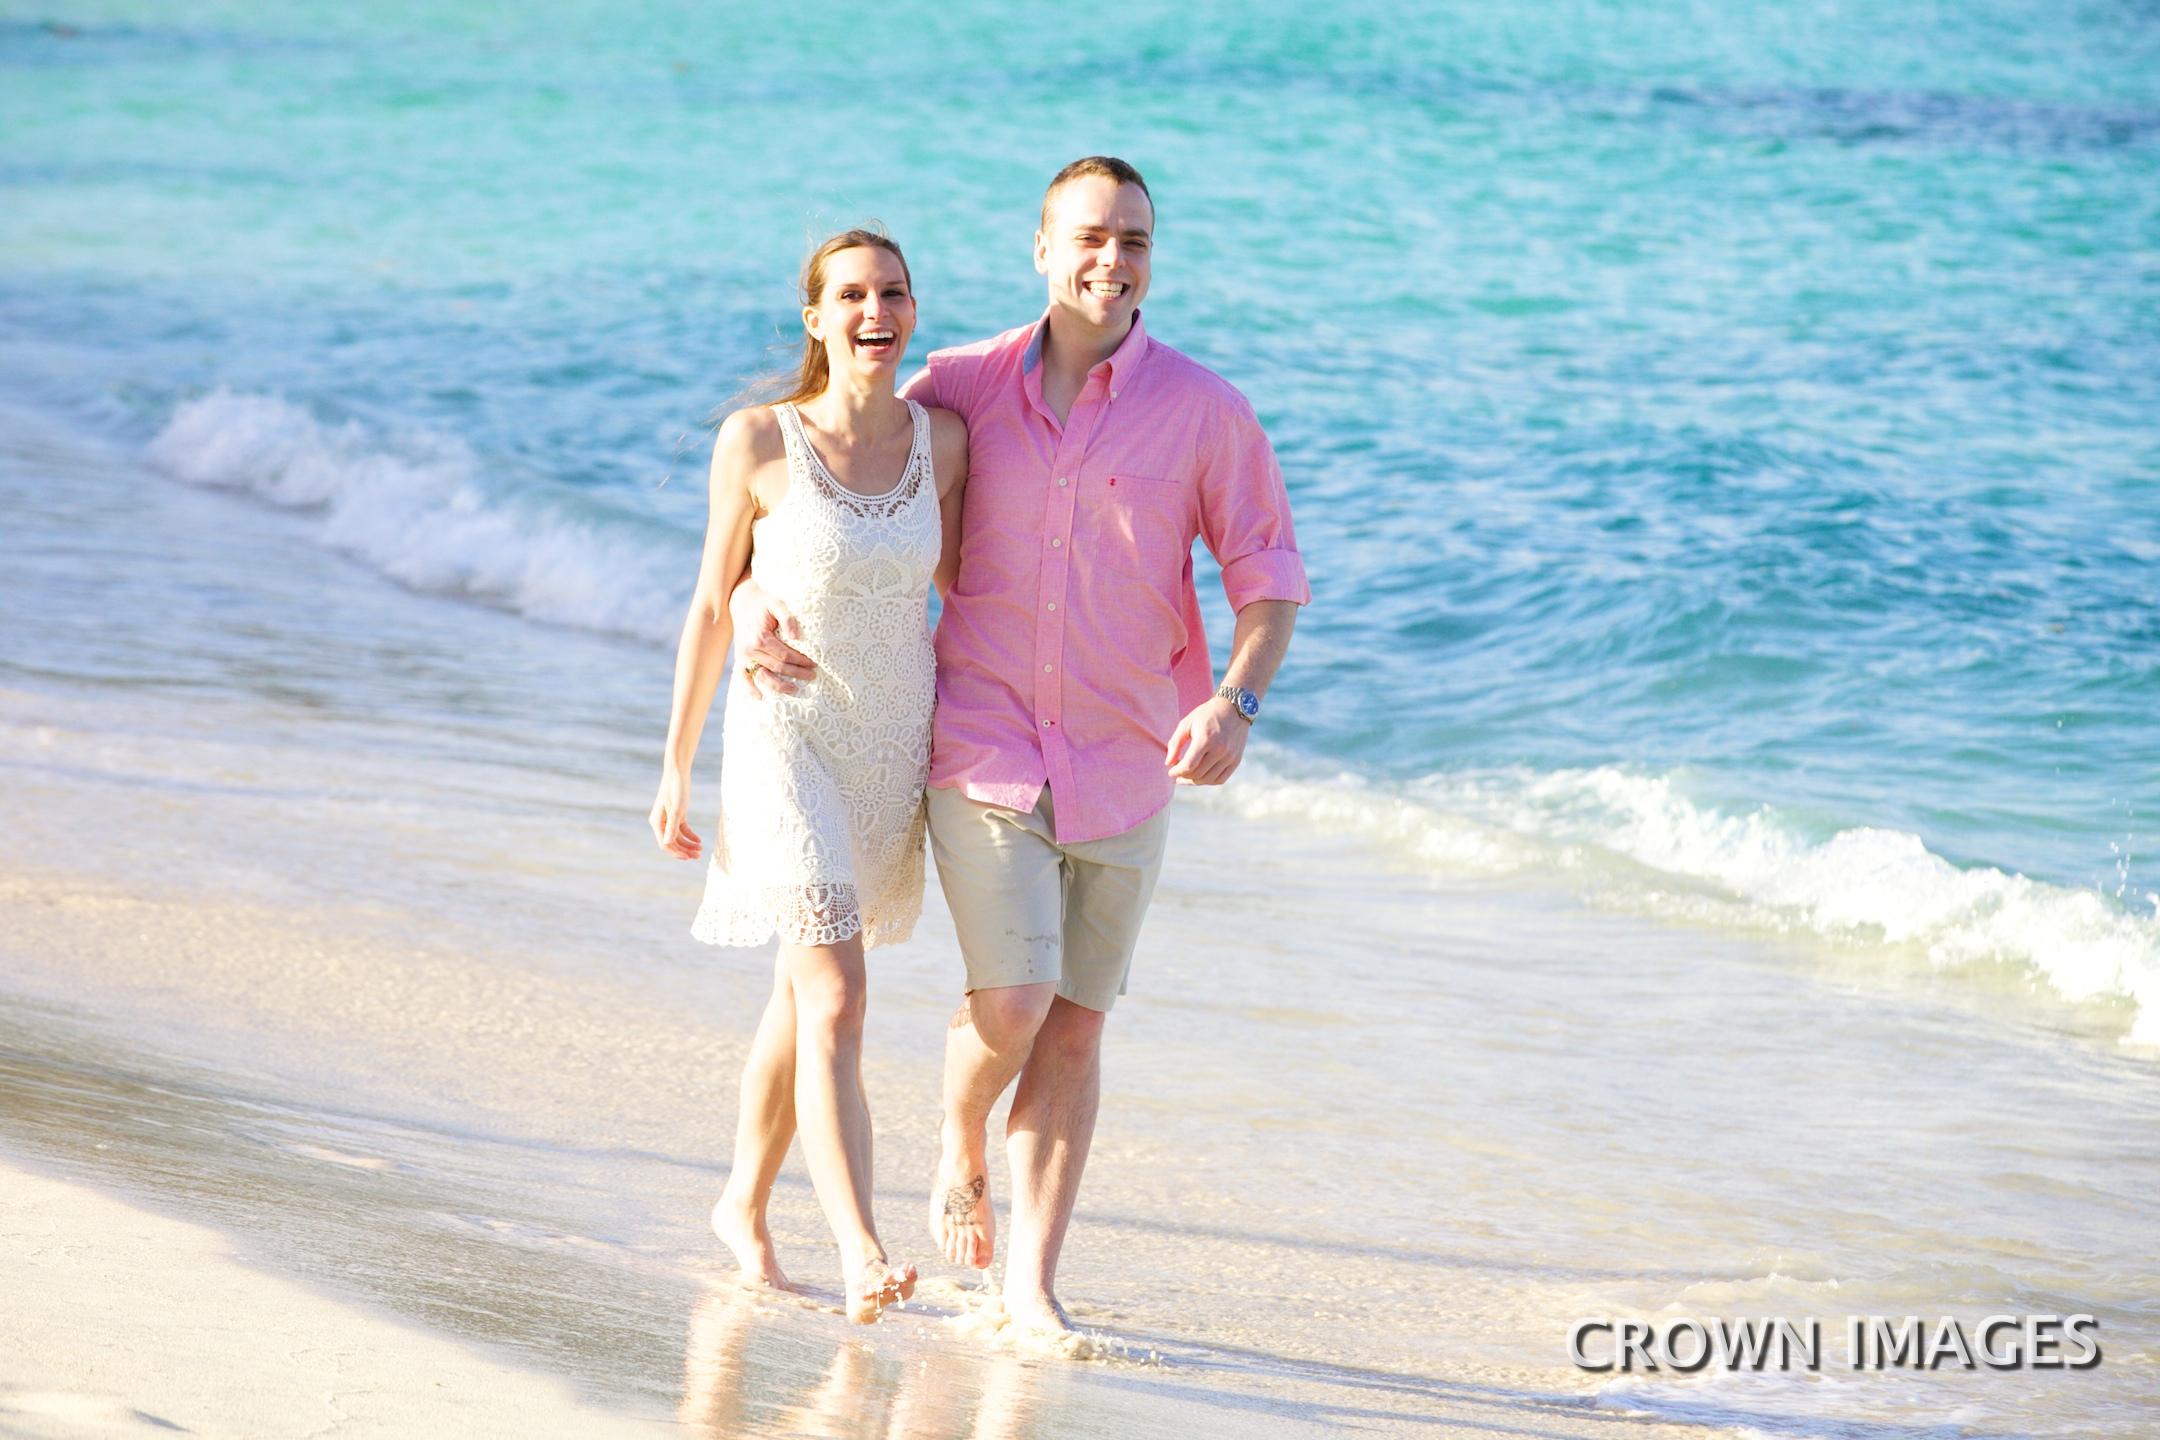 virgin_islands_wedding_photographer_002.jpg